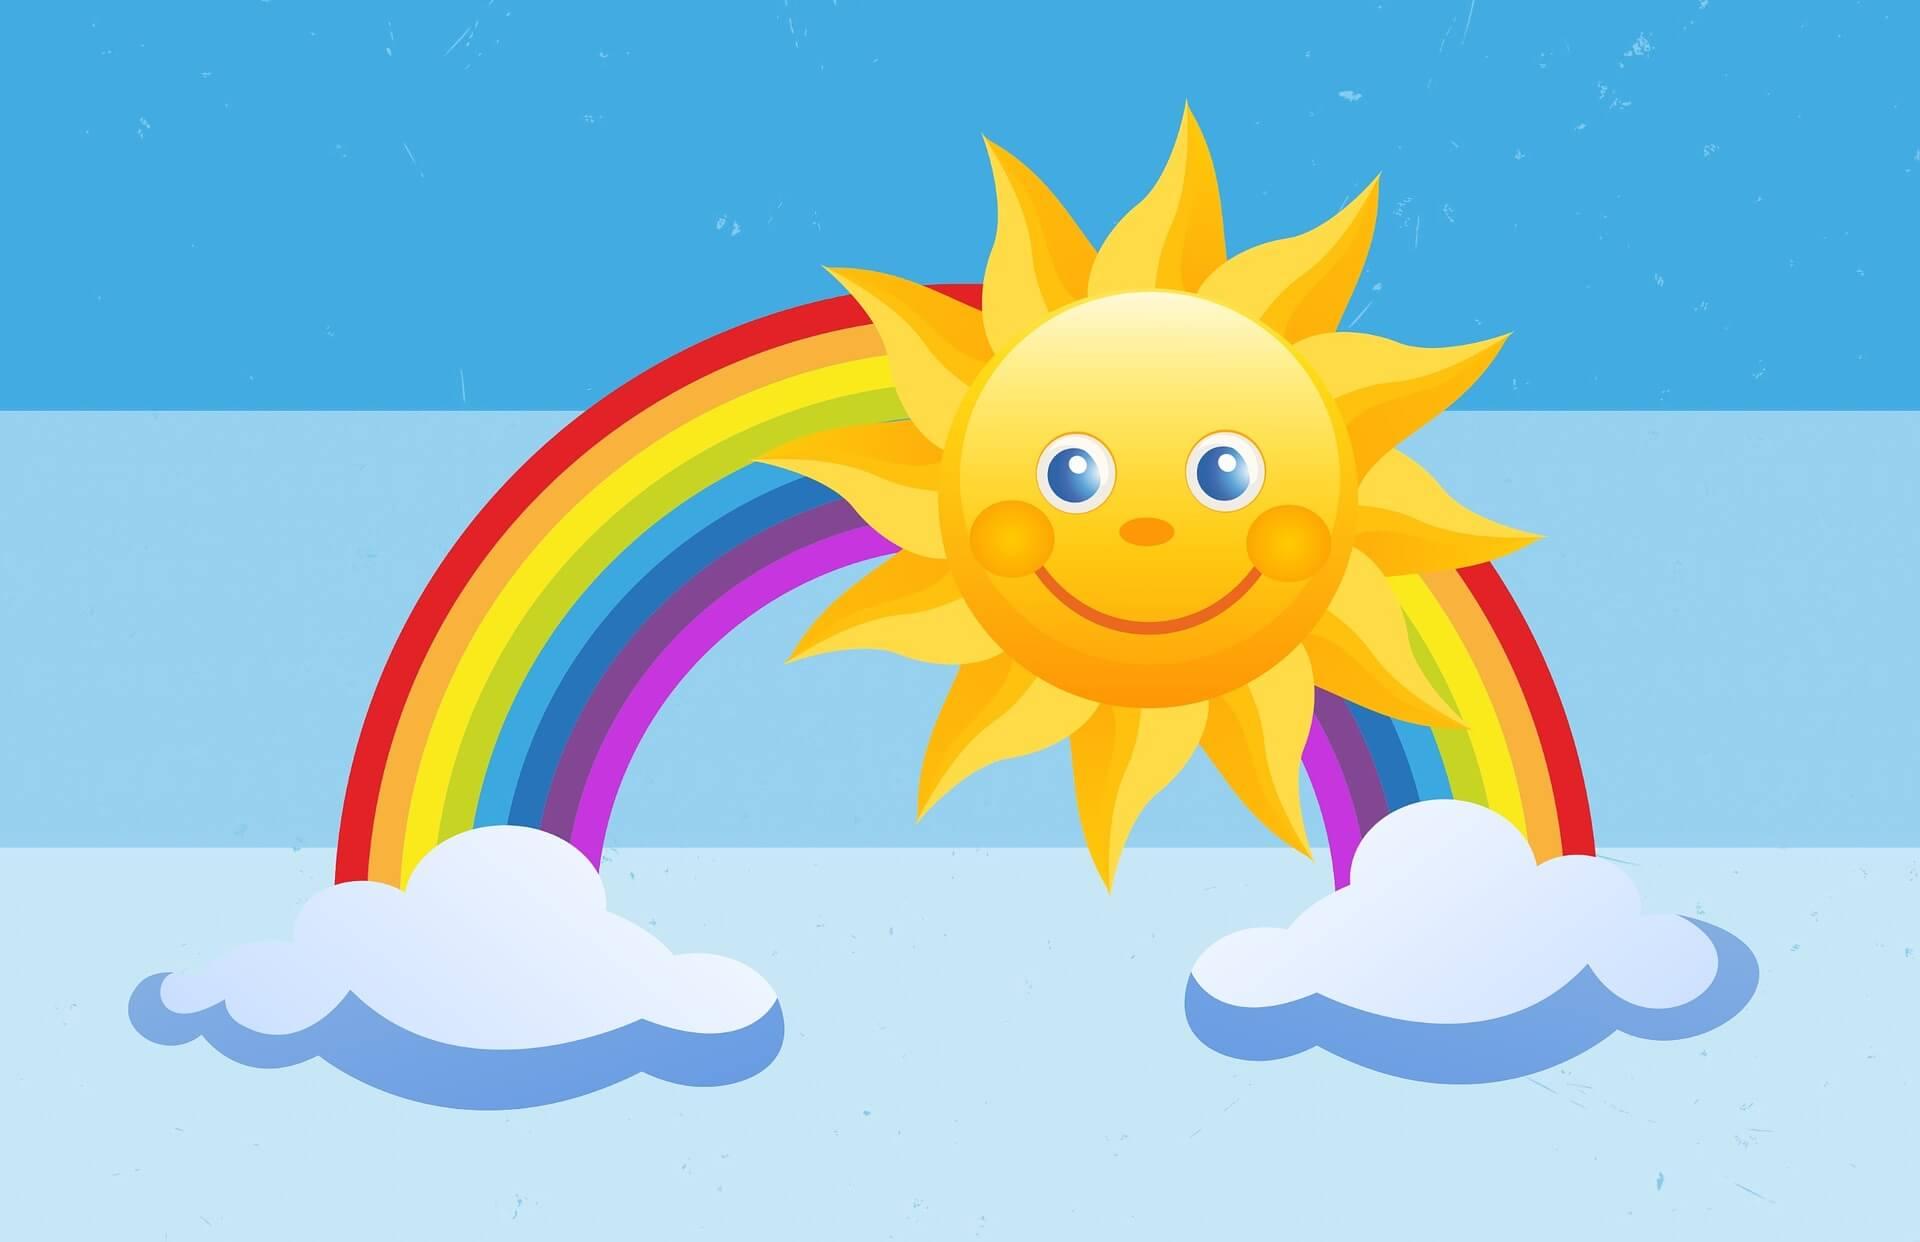 часто картинки с радугой и солнцем и детьми шкаф является